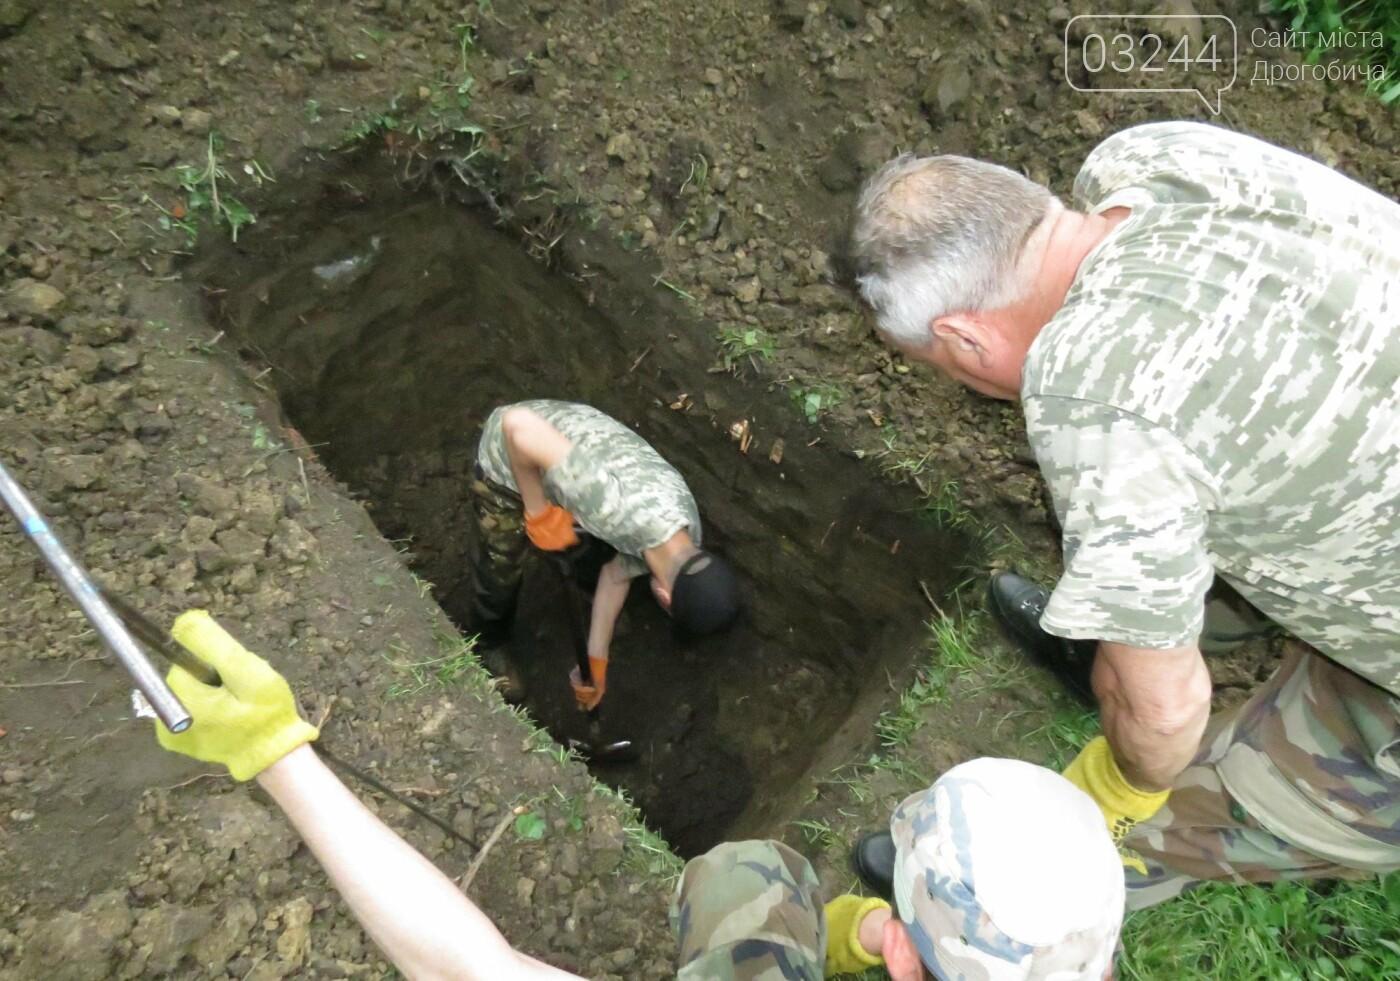 У Дрогобичі стартували нові розкопки – шукають невинних жертв, вбитих енкаведистами  у 40-х  рр. на вулиці І.Франка, фото-6